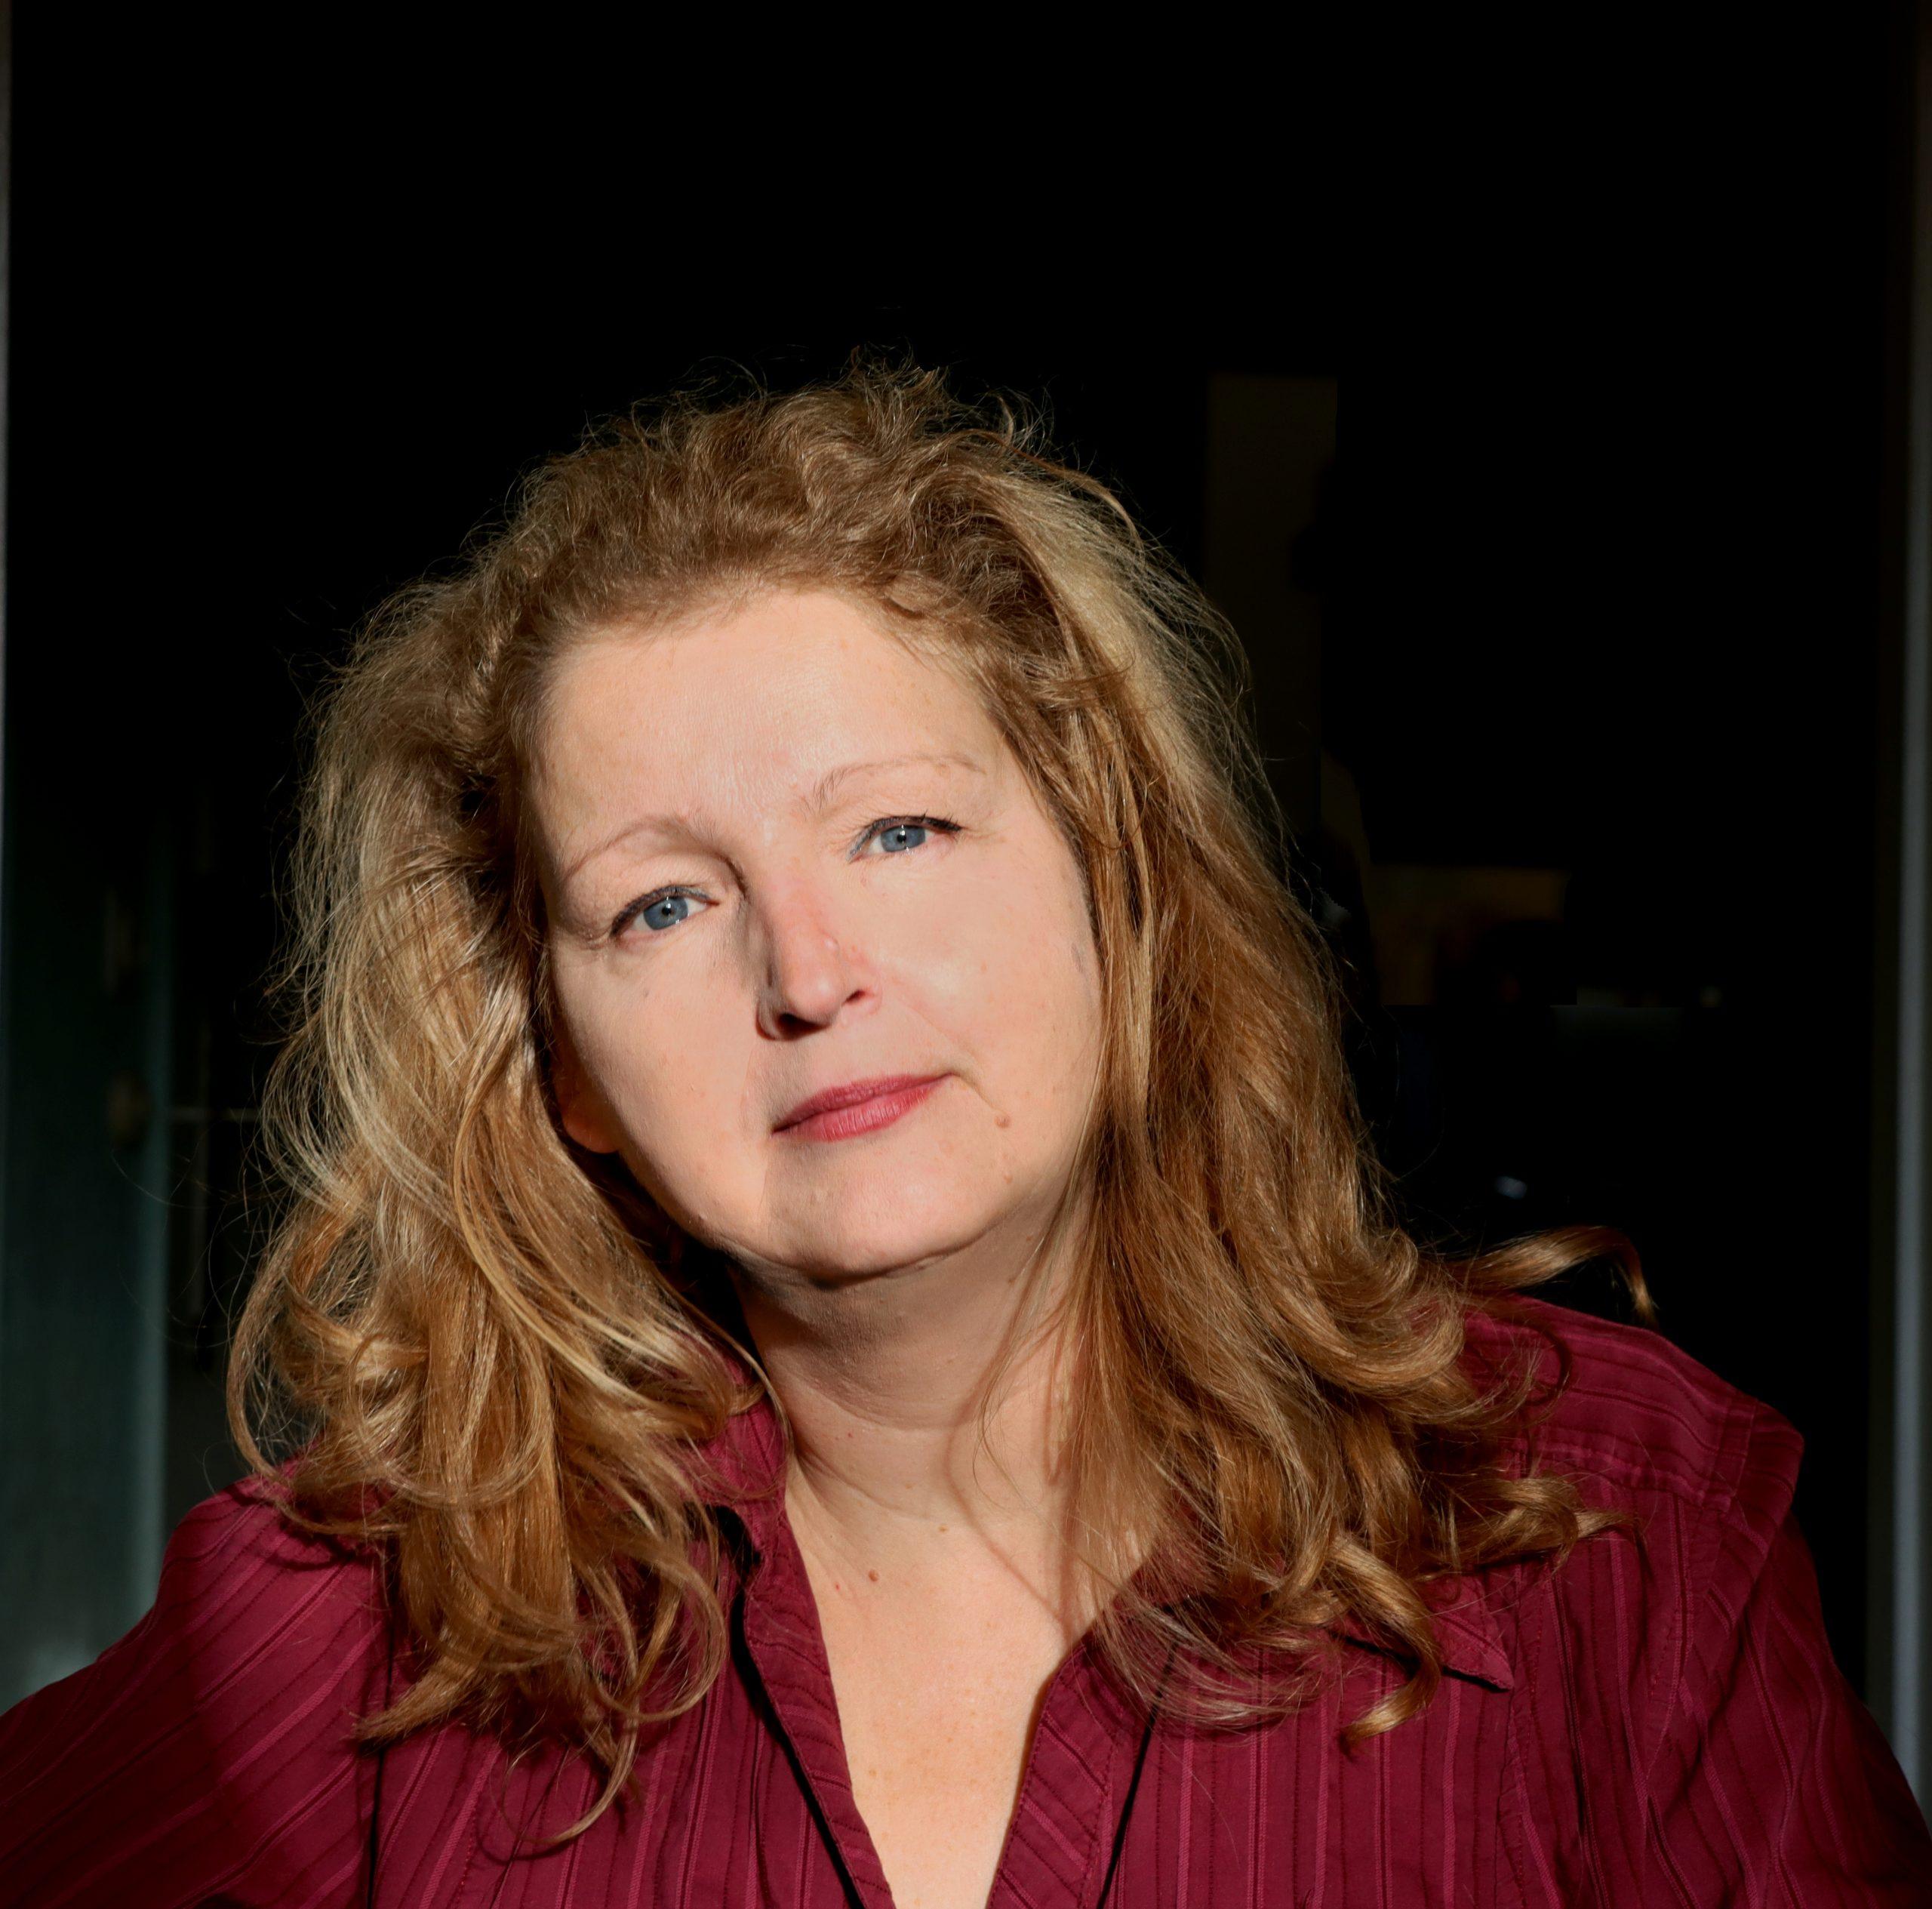 Katy Pohl